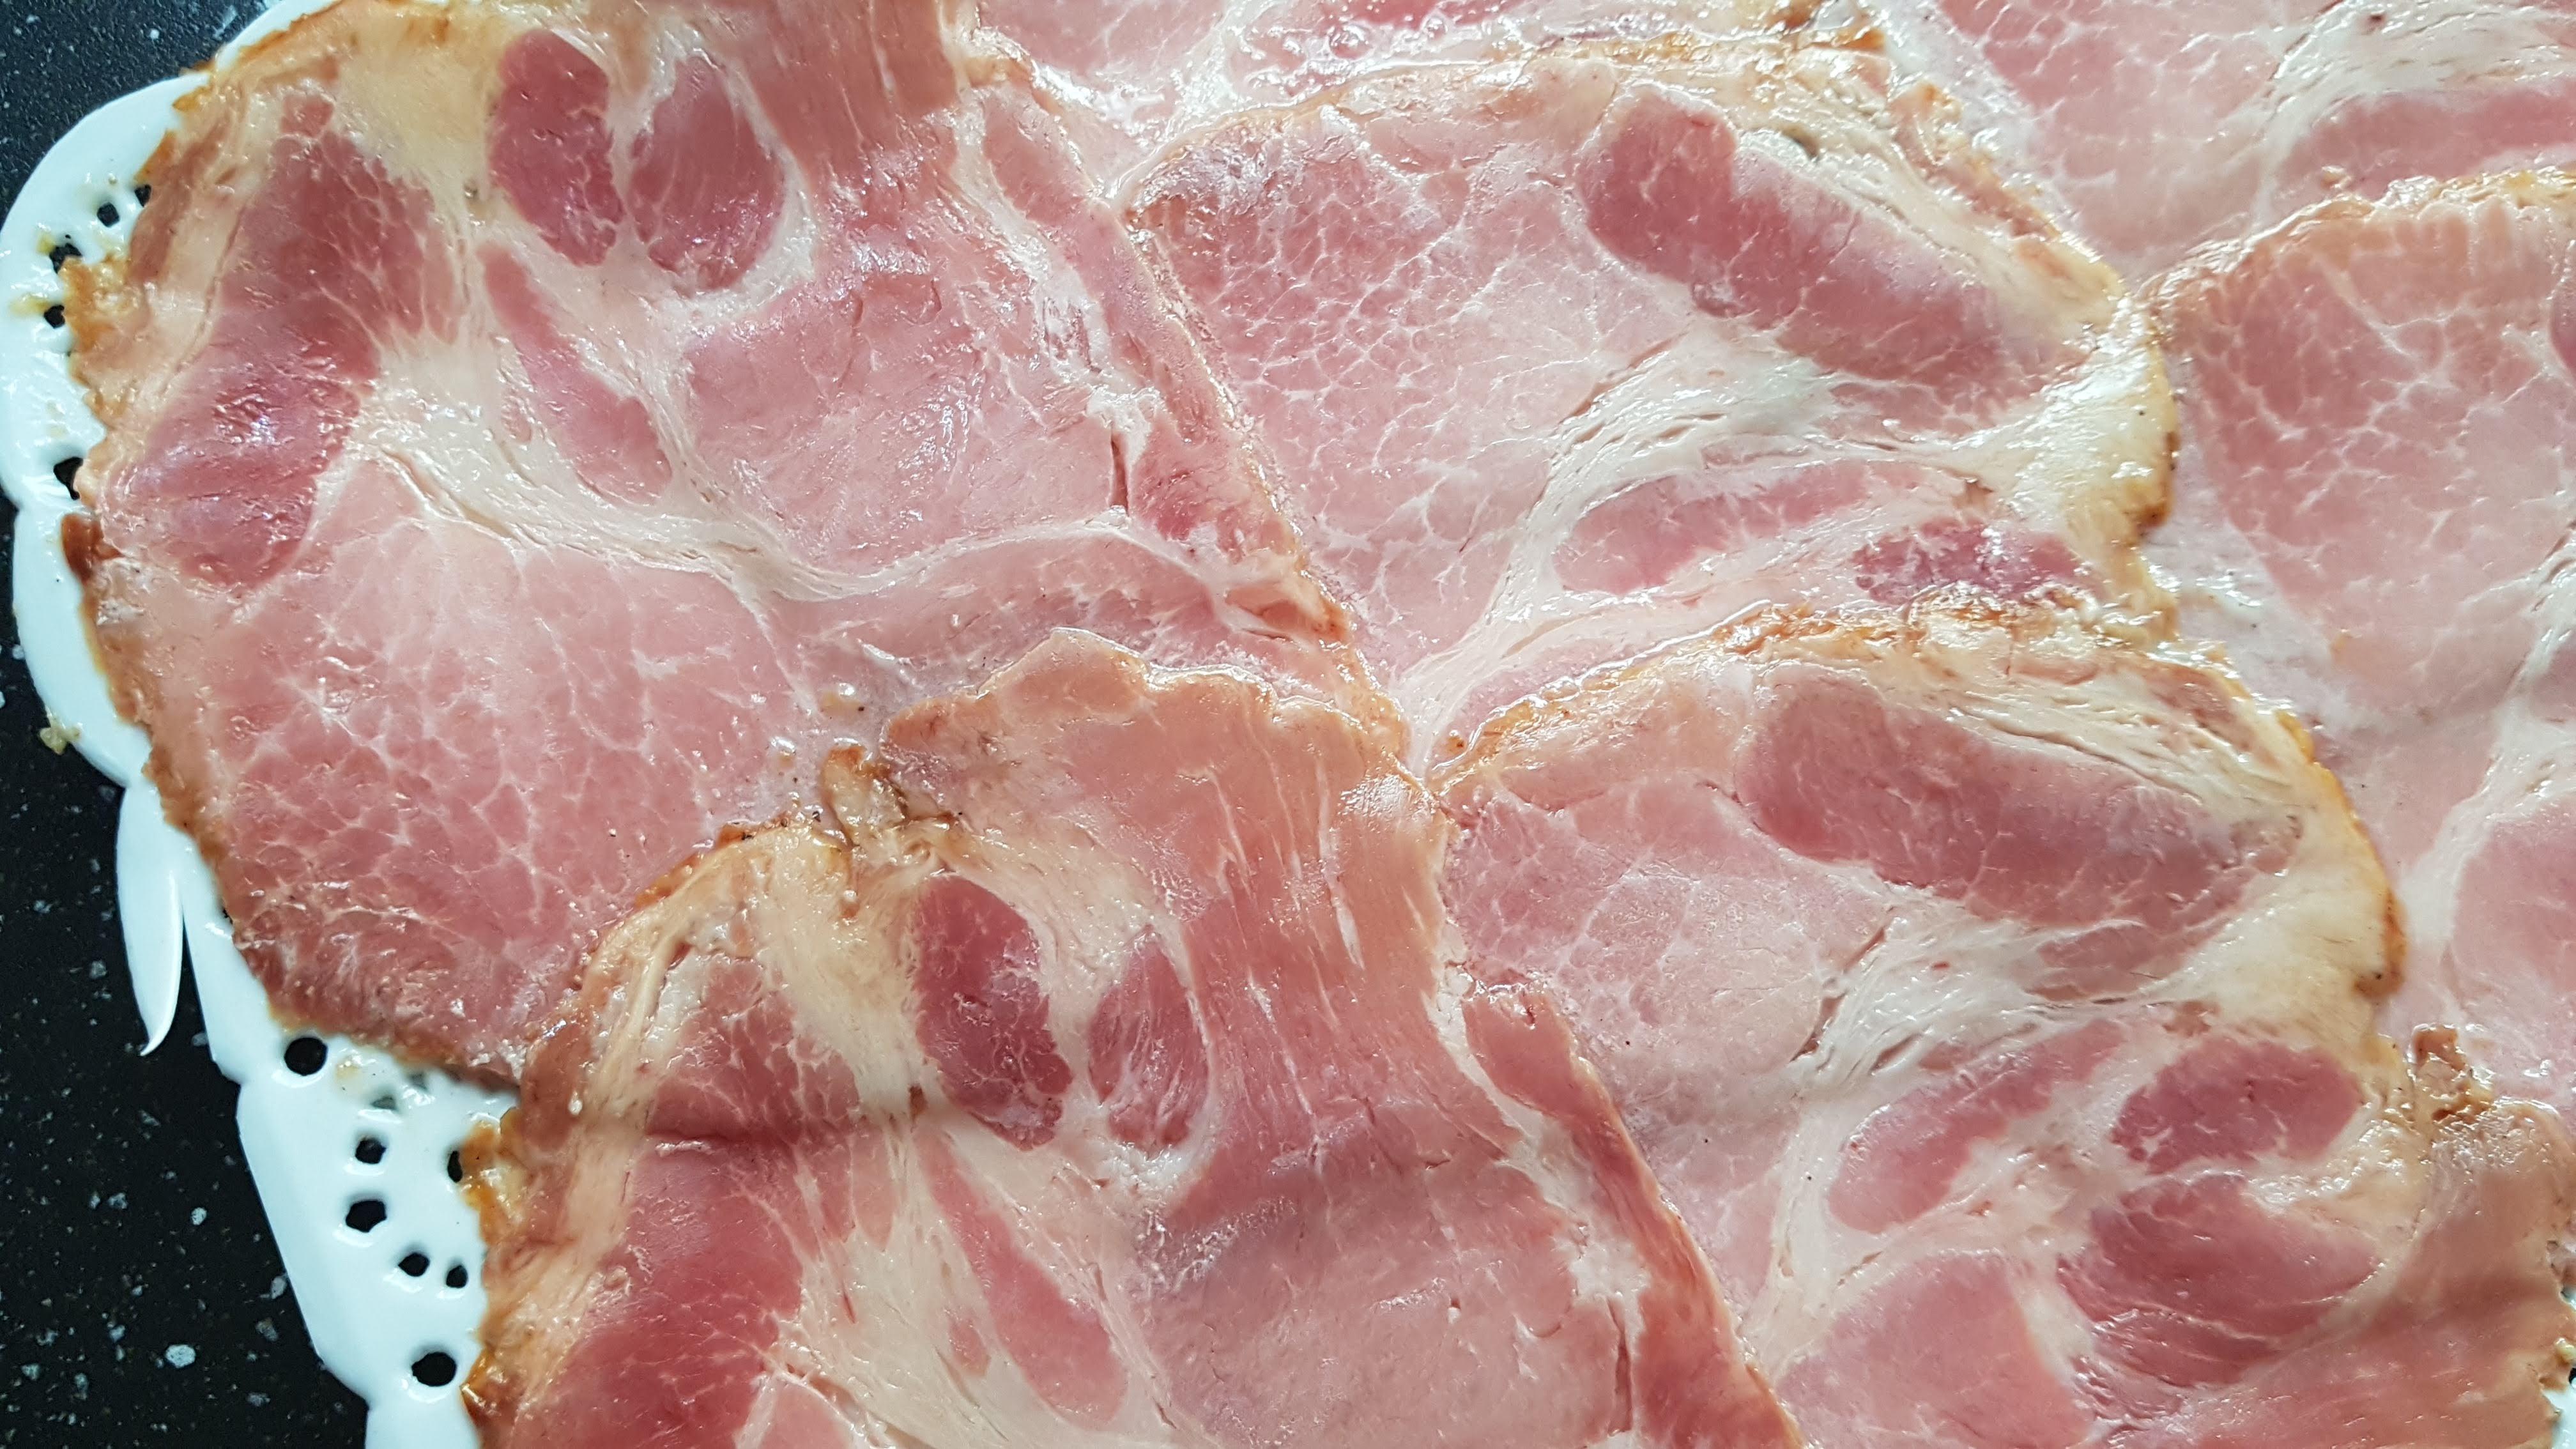 La carne mechada sin marca que Magrudis ocultó que fabricaba para Comercial Martínez León da positivo en Listeria